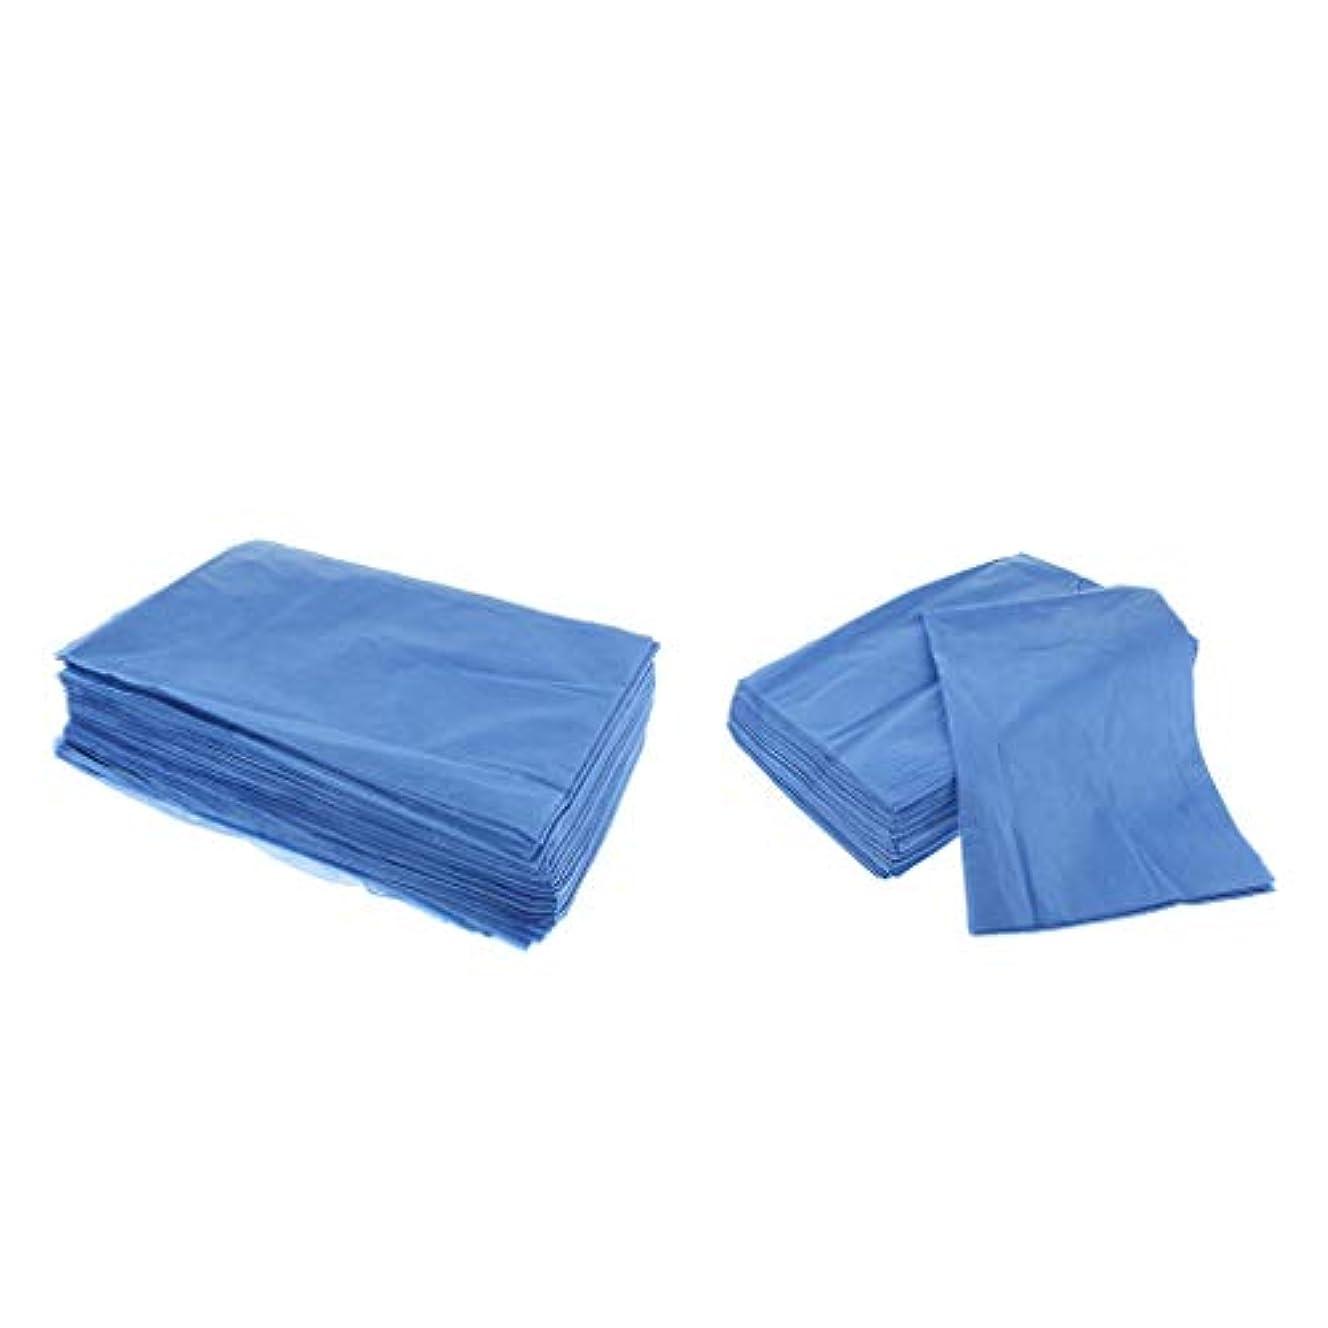 マトロン無能作り上げるchiwanji 40ピース/個不織布使い捨てシーツ180x80cmマッサージテーブルシート、スパフェイシャルワックスタトゥーチェアカバーシート防水